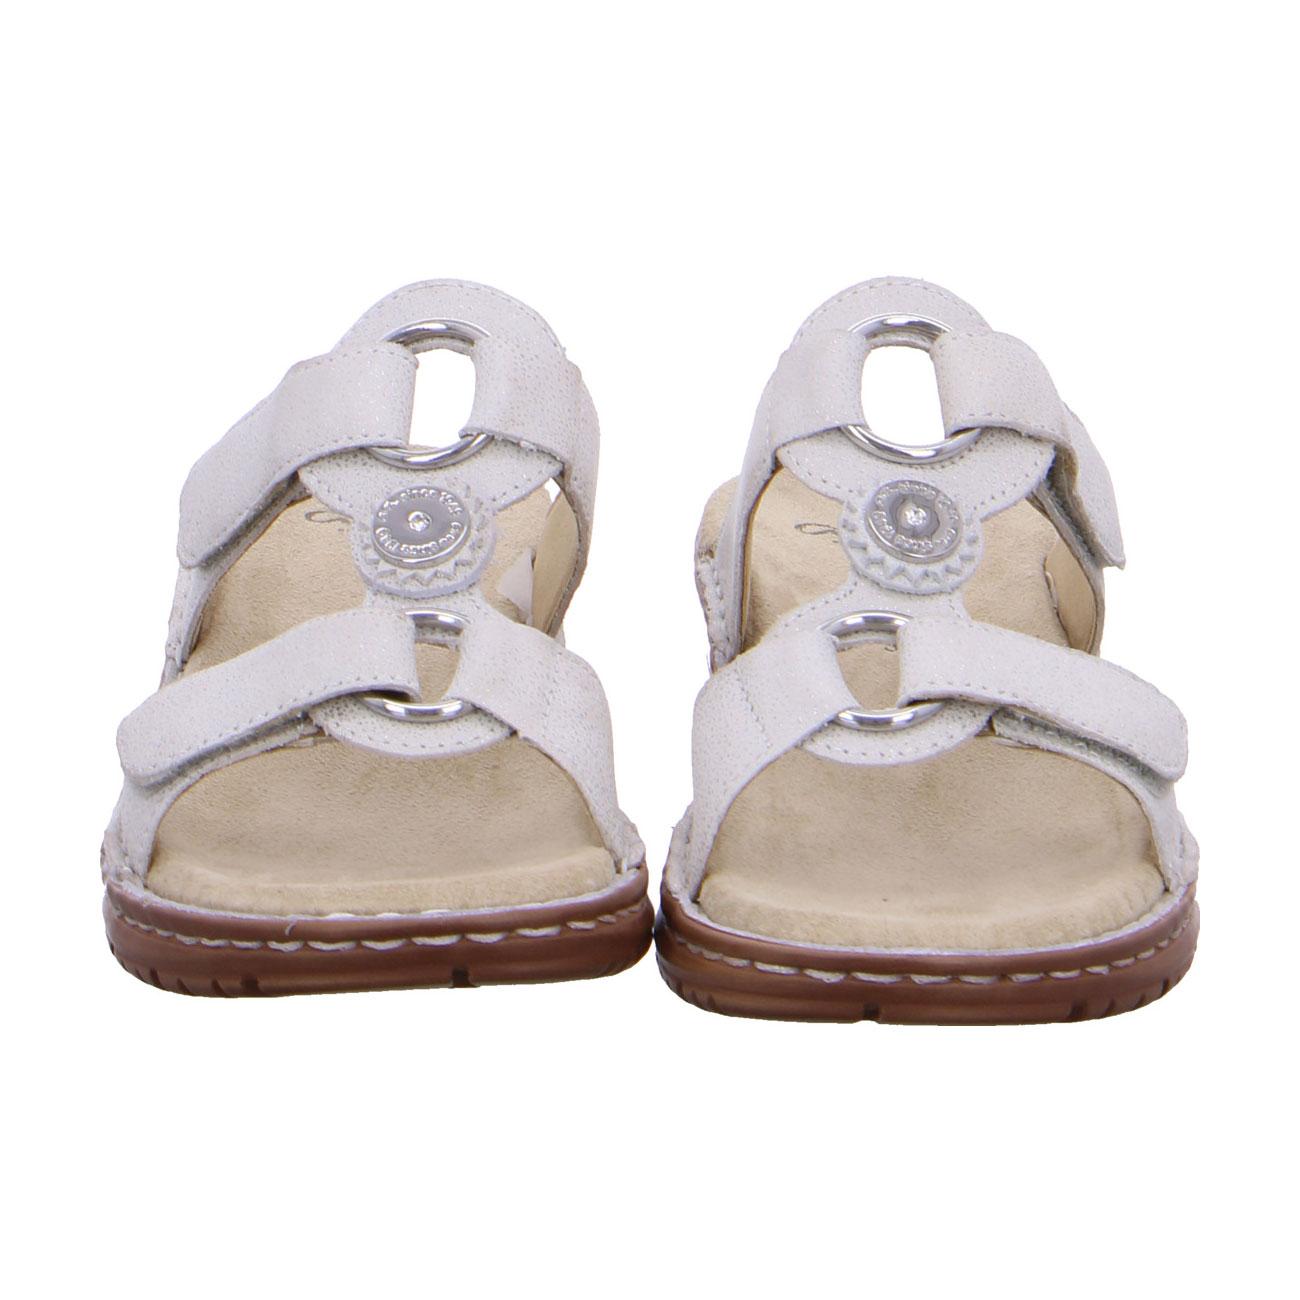 Дамски чехли ara 12-27232-78 светлосиво блестящи - снимка 6